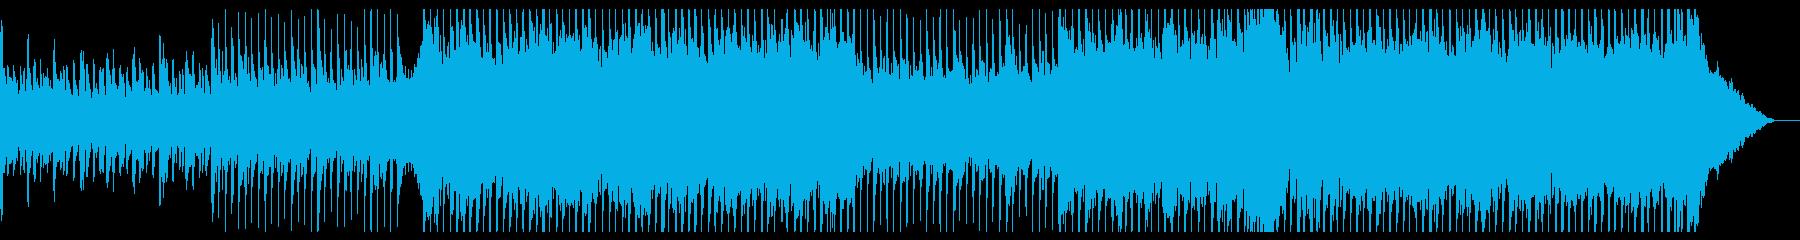 爽やかポップロック・CM映像や企業VPにの再生済みの波形